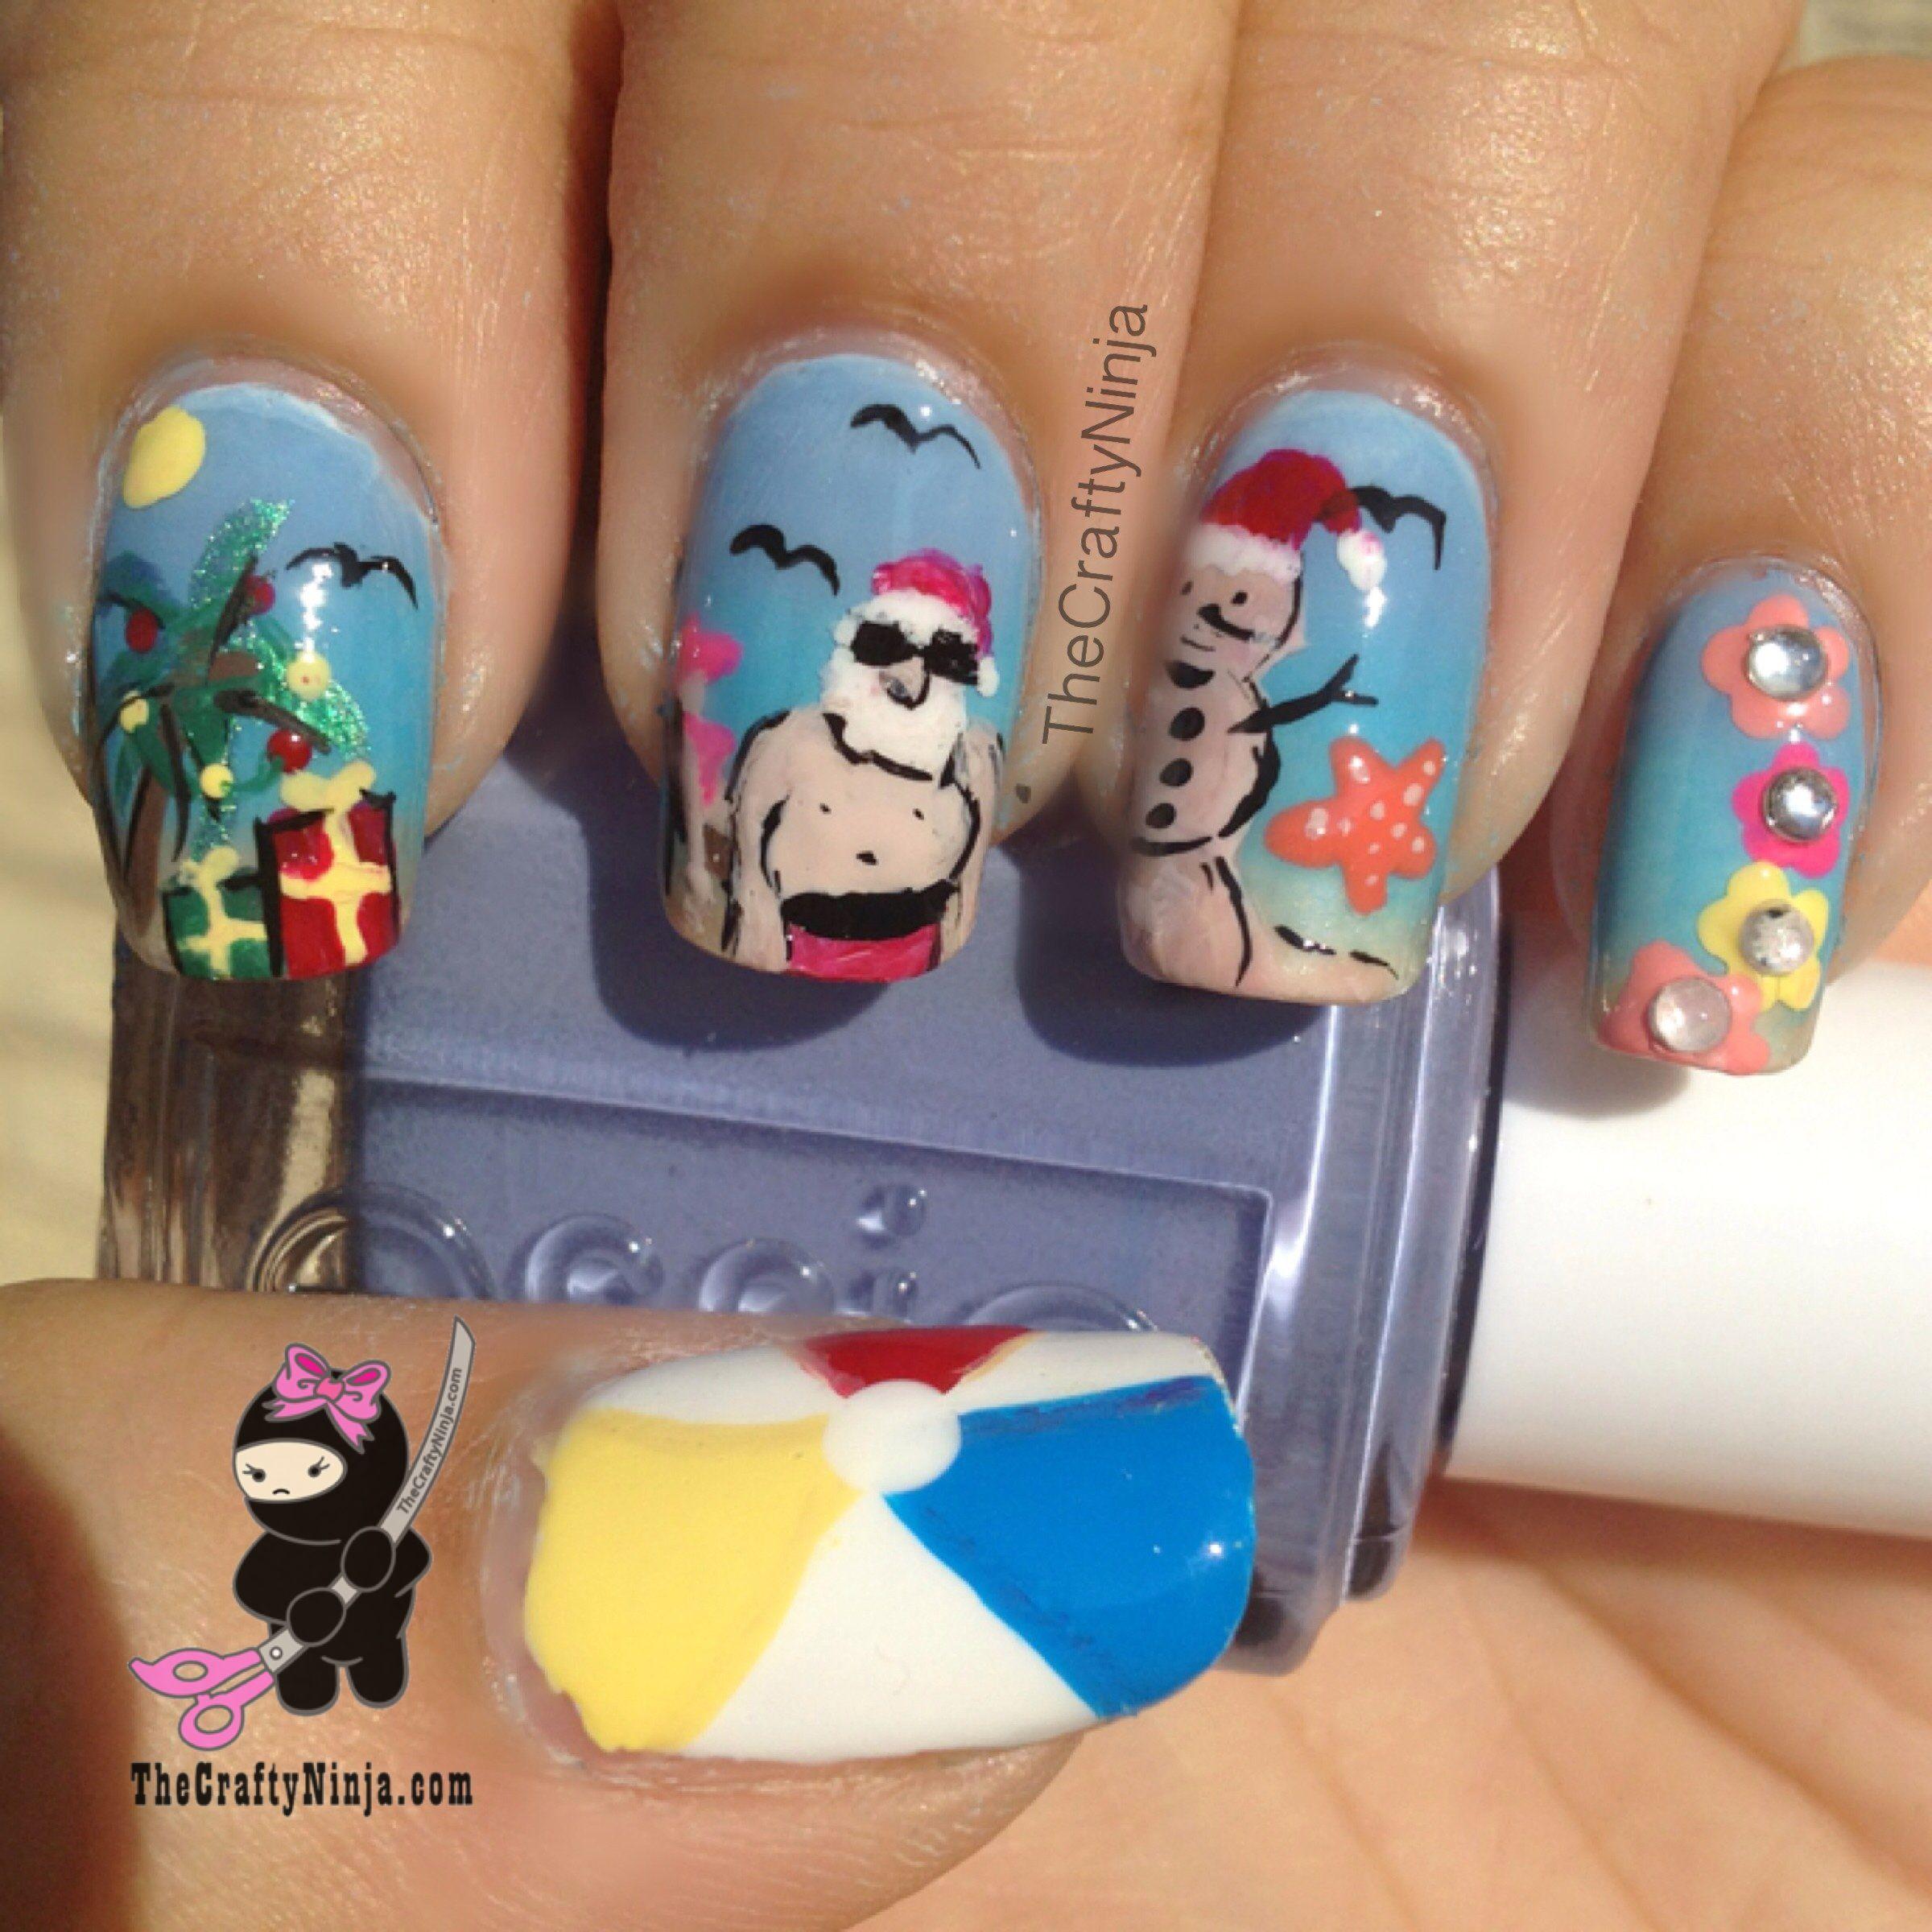 Christmas In July Santa Claus Nails Christmasnails Nailart Christmasnailart Xmasnails Christmasinjuly Christmas Nails Nails Santa Nails